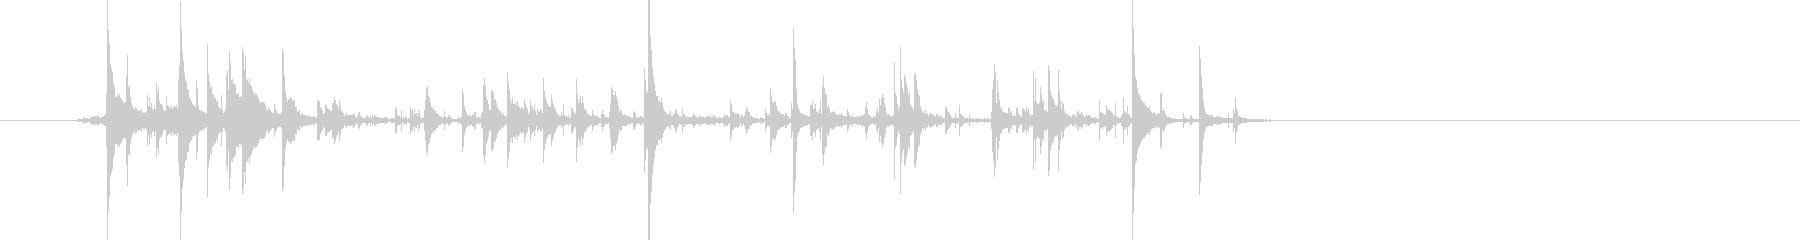 じゃりじゃり…チャリーン!鈴の音の未再生の波形